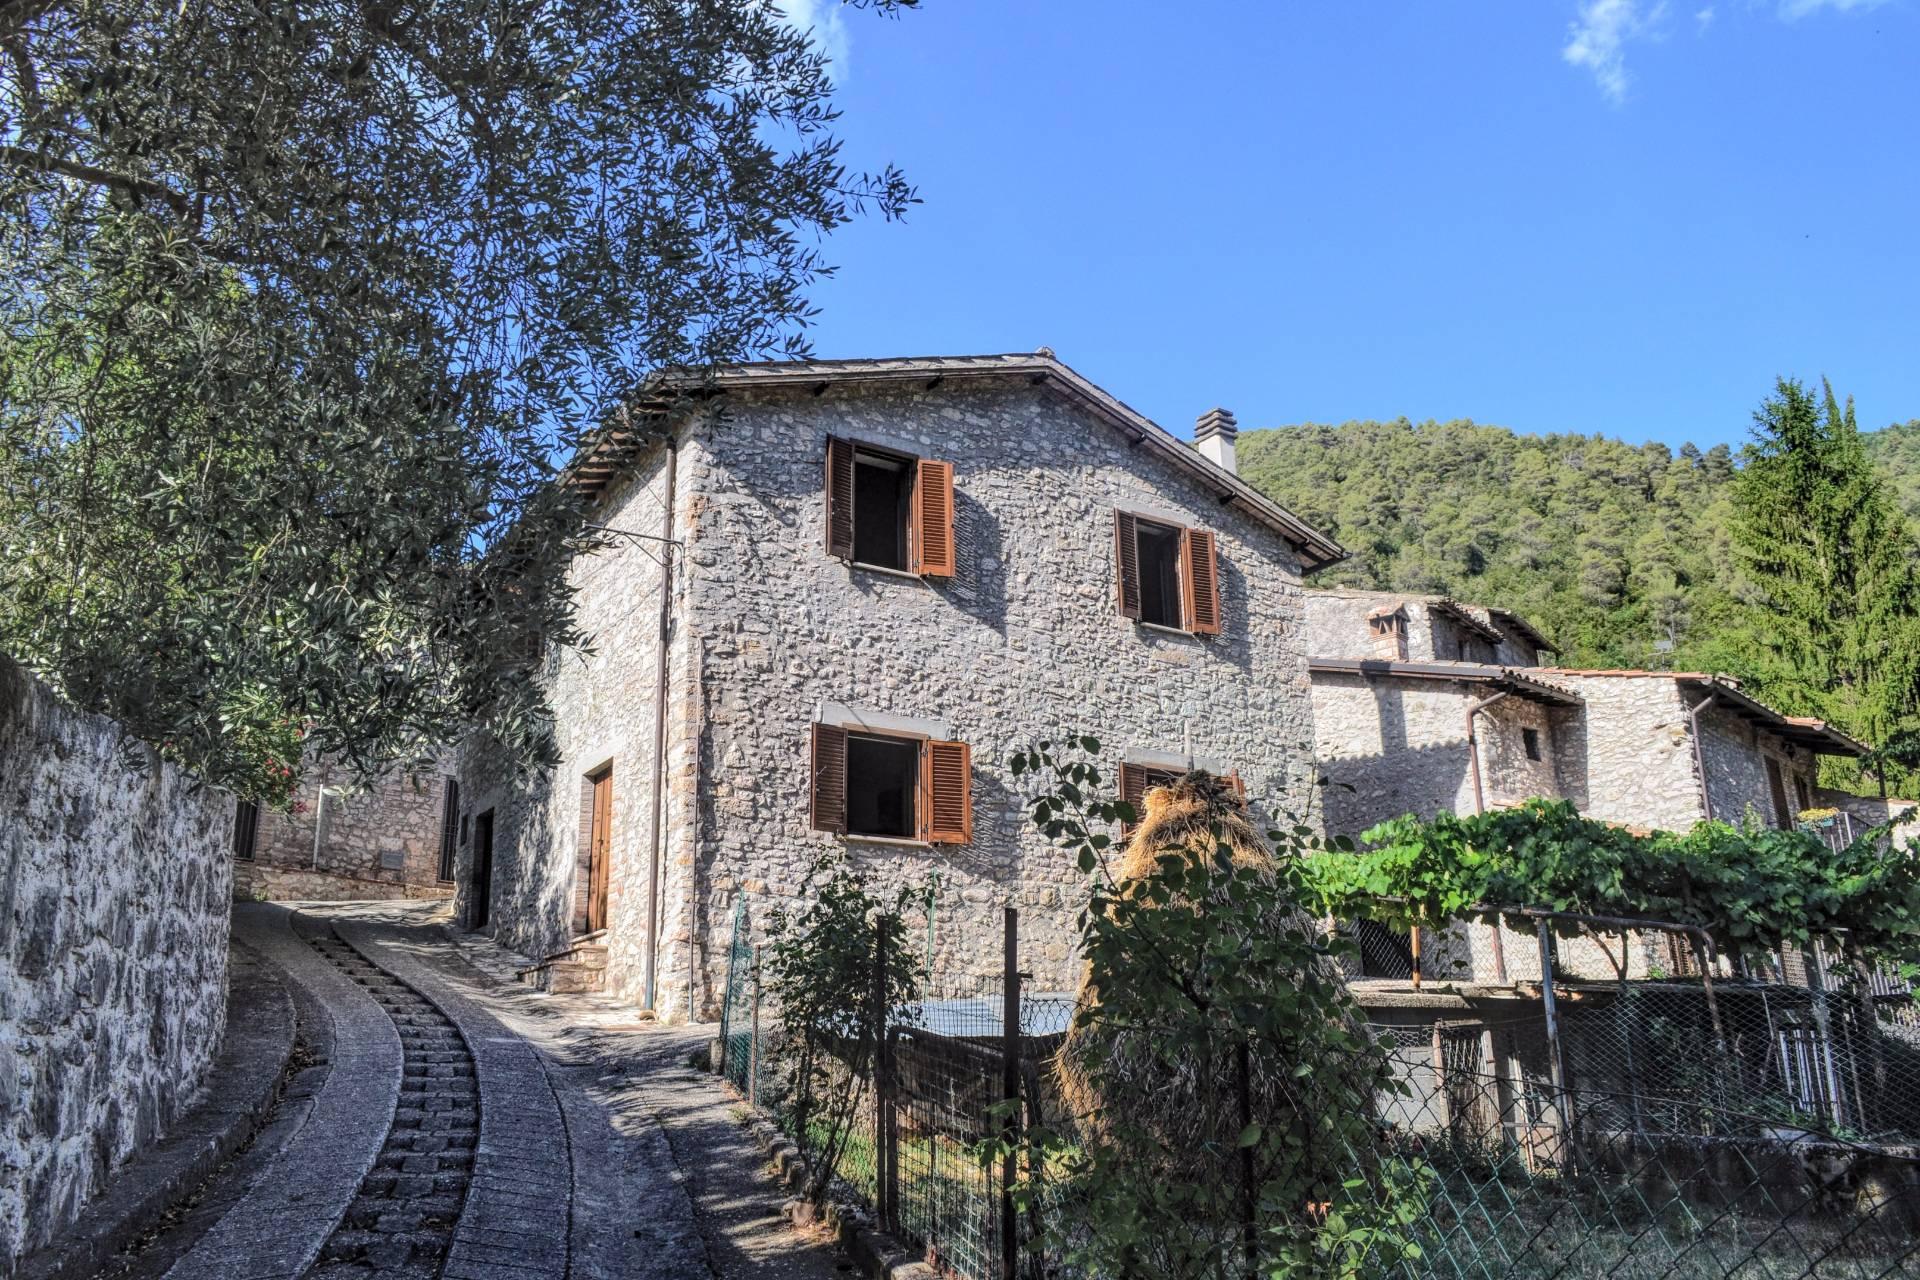 Soluzione Indipendente in vendita a Arrone, 5 locali, prezzo € 93.000 | CambioCasa.it